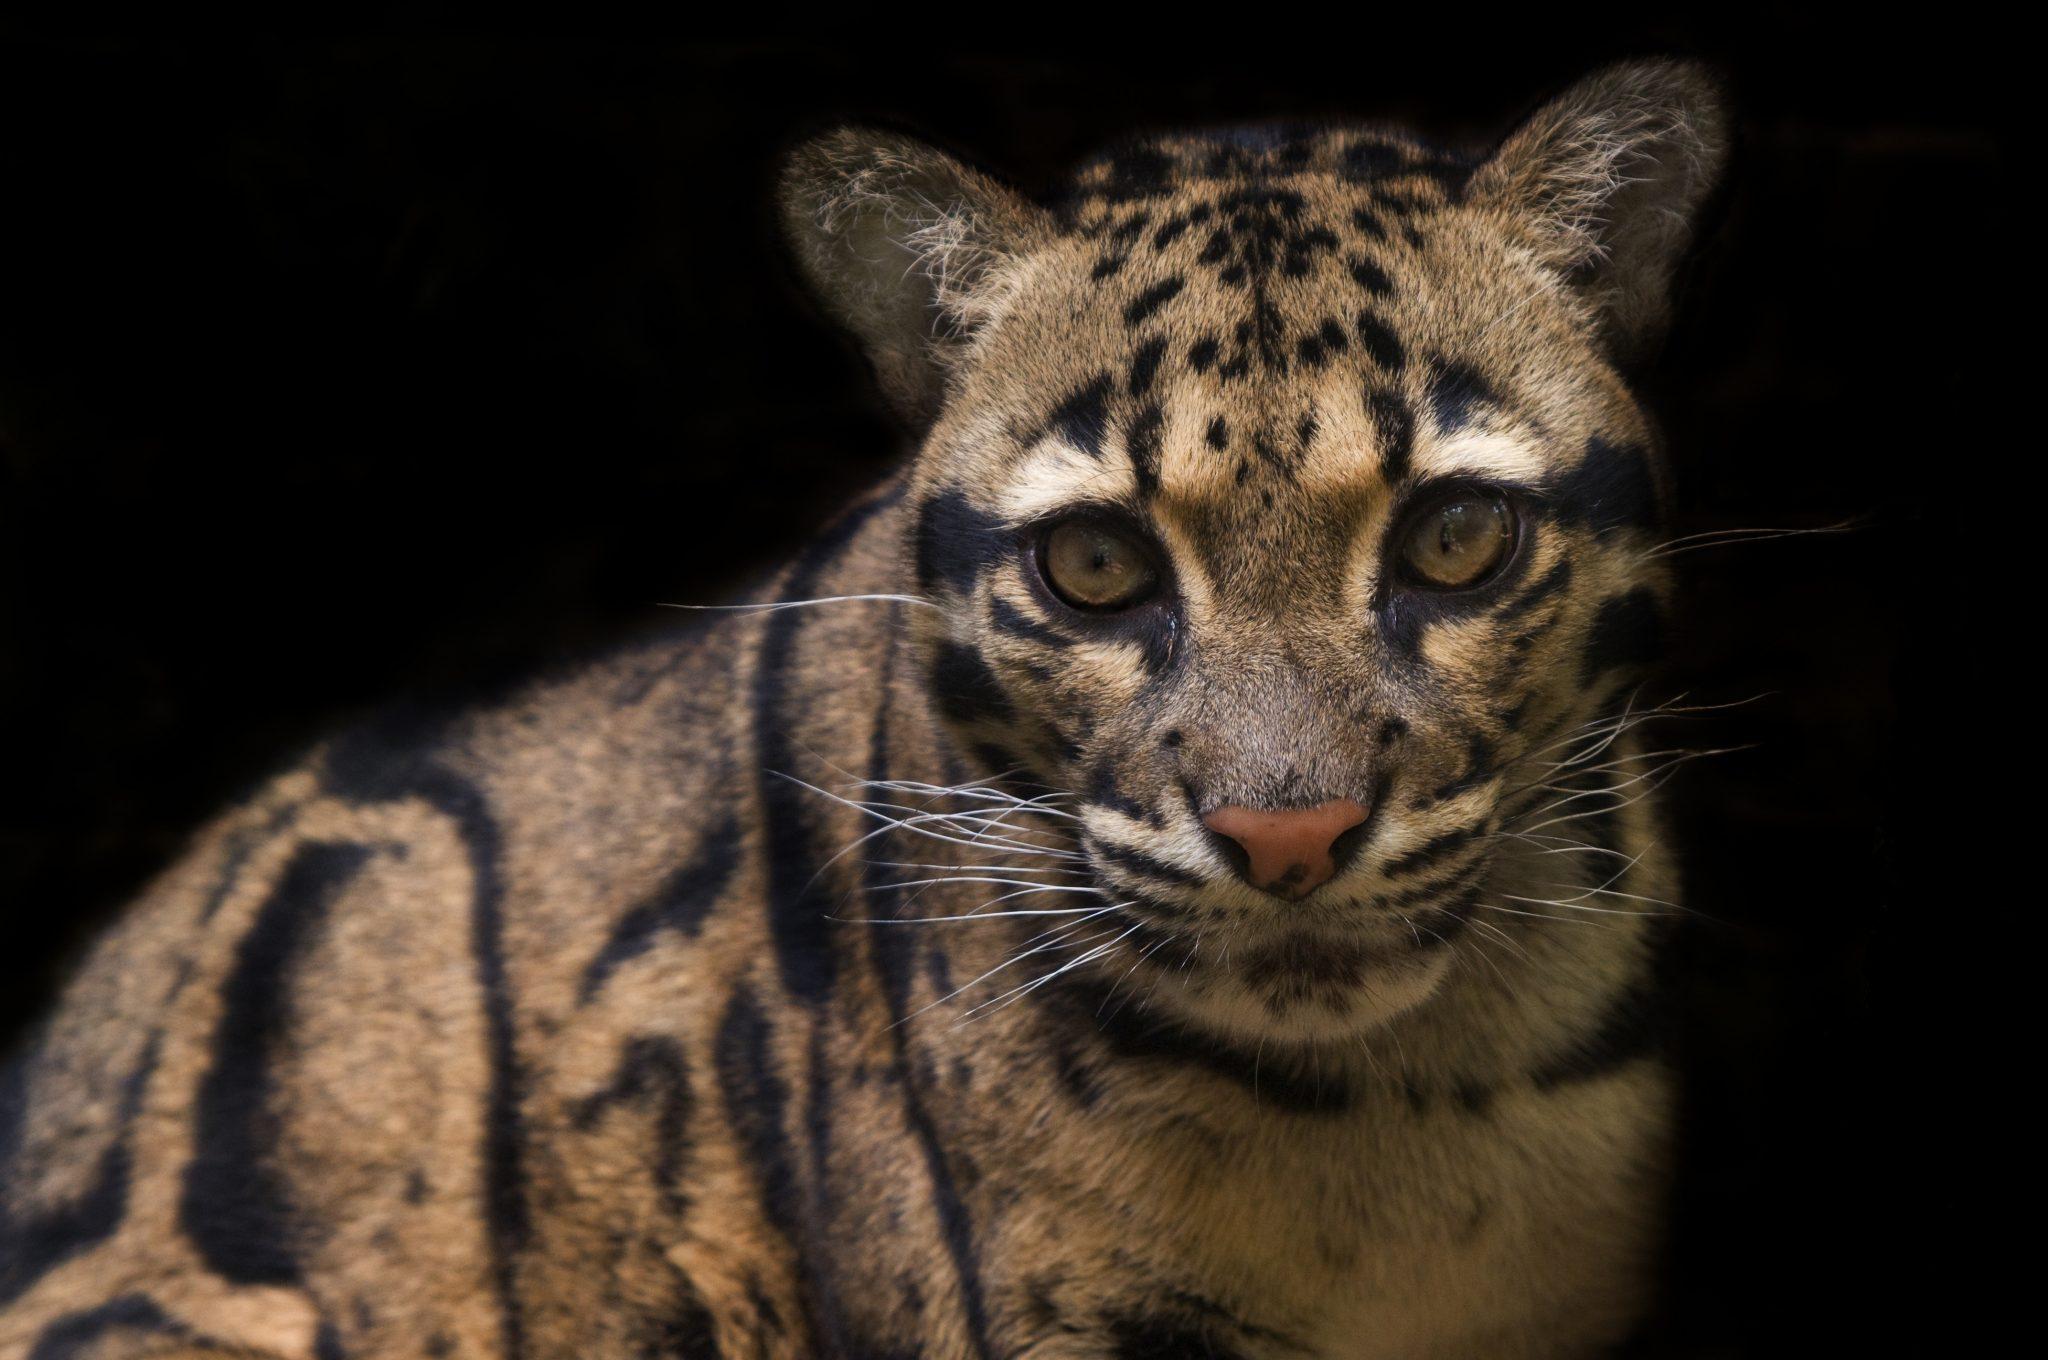 Die stark bedrohten Nebelparder sind noch selten in Kambodscha anzutreffen. © naturepl.com / Edwin Giesbers / WWF